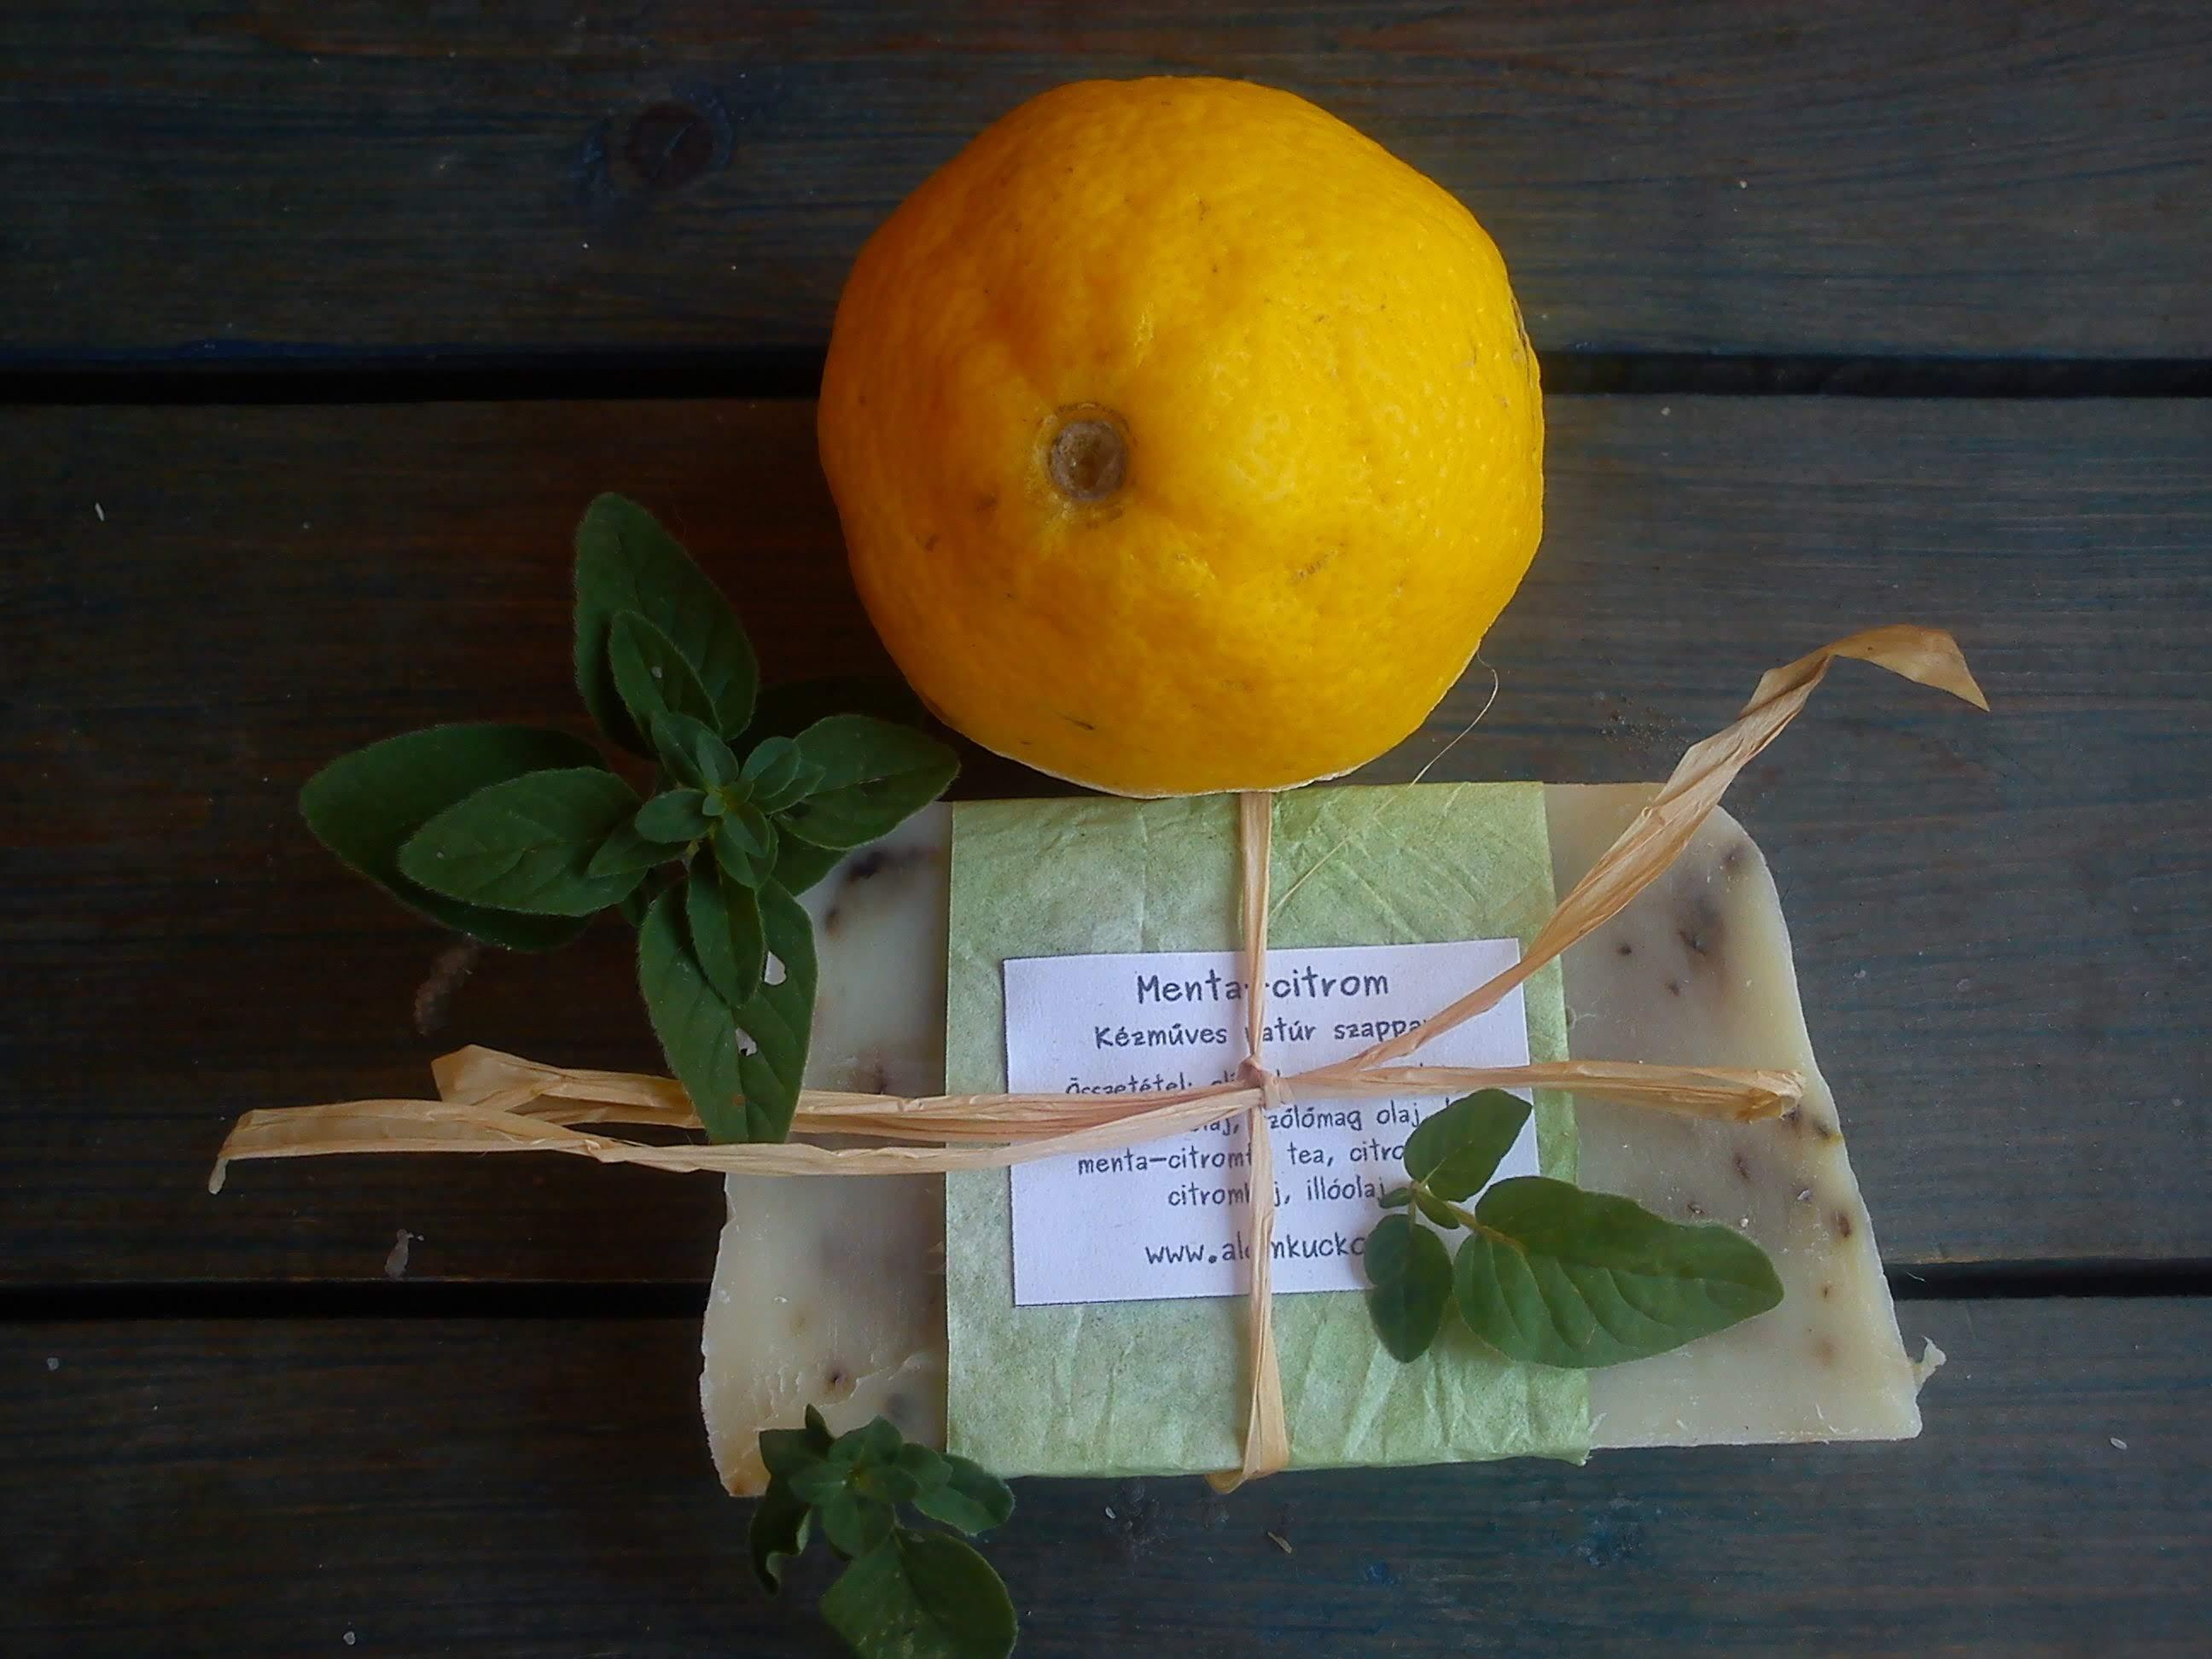 Menta-citrom